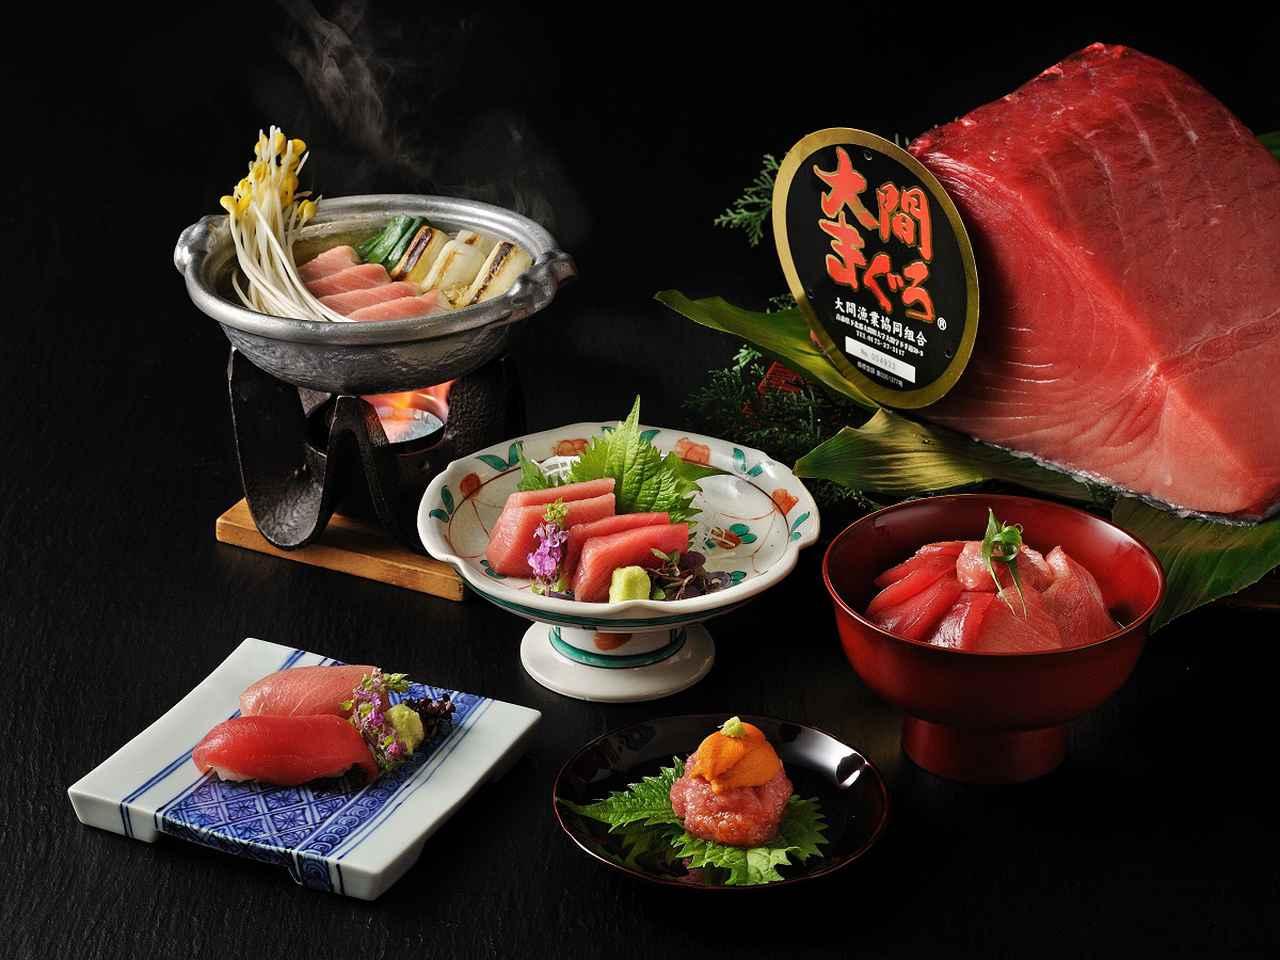 画像: 大間のマグロを使用した会席料理 (イメージ/画像提供:星野リゾート 界 津軽)